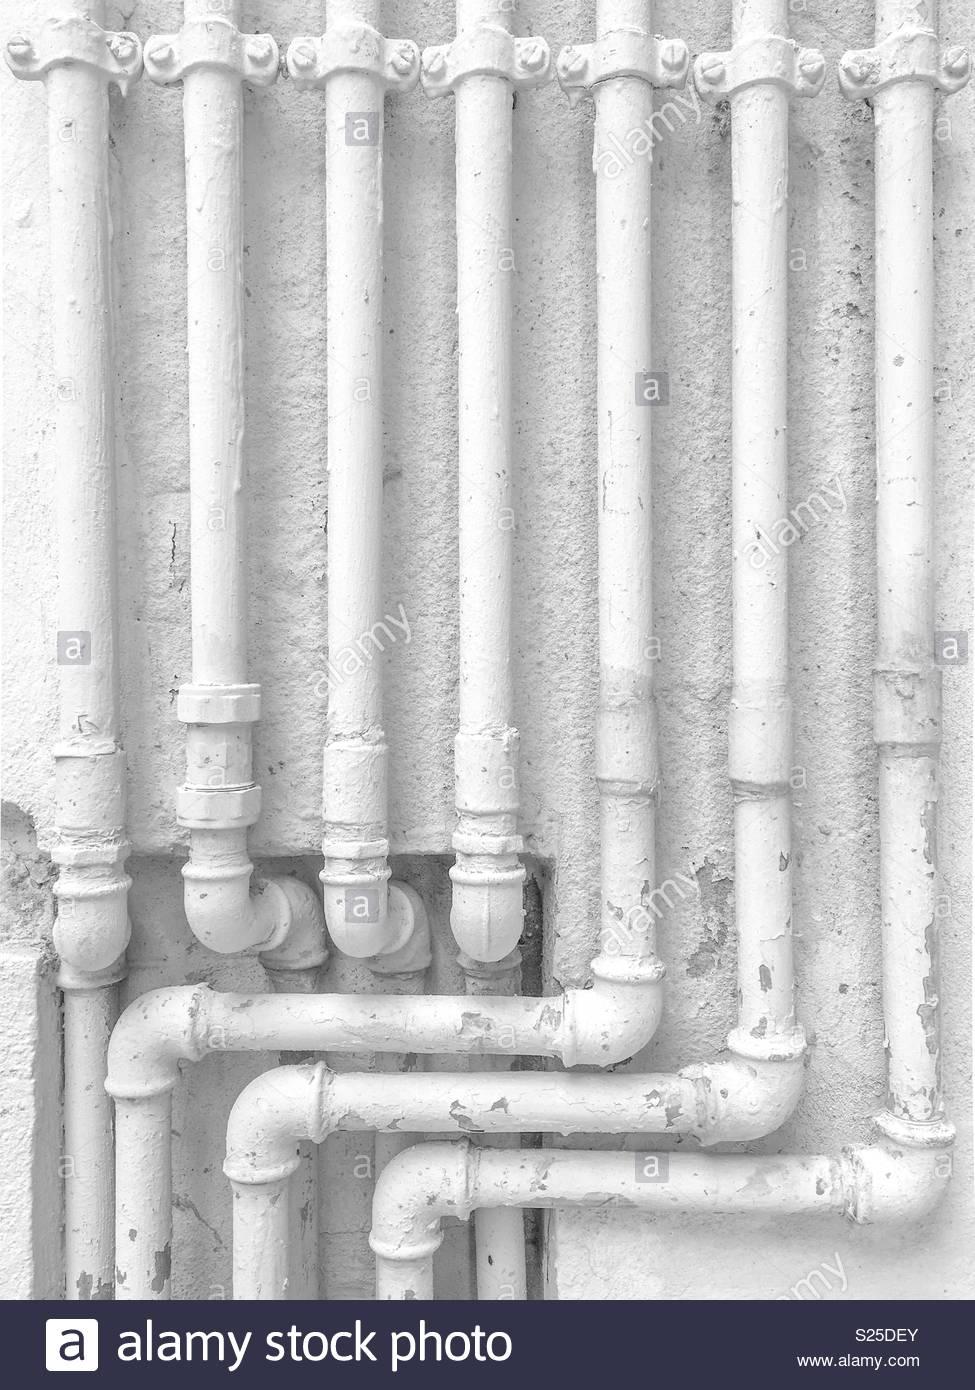 Filmado em preto e branco de alguns tubos antigos Imagens de Stock